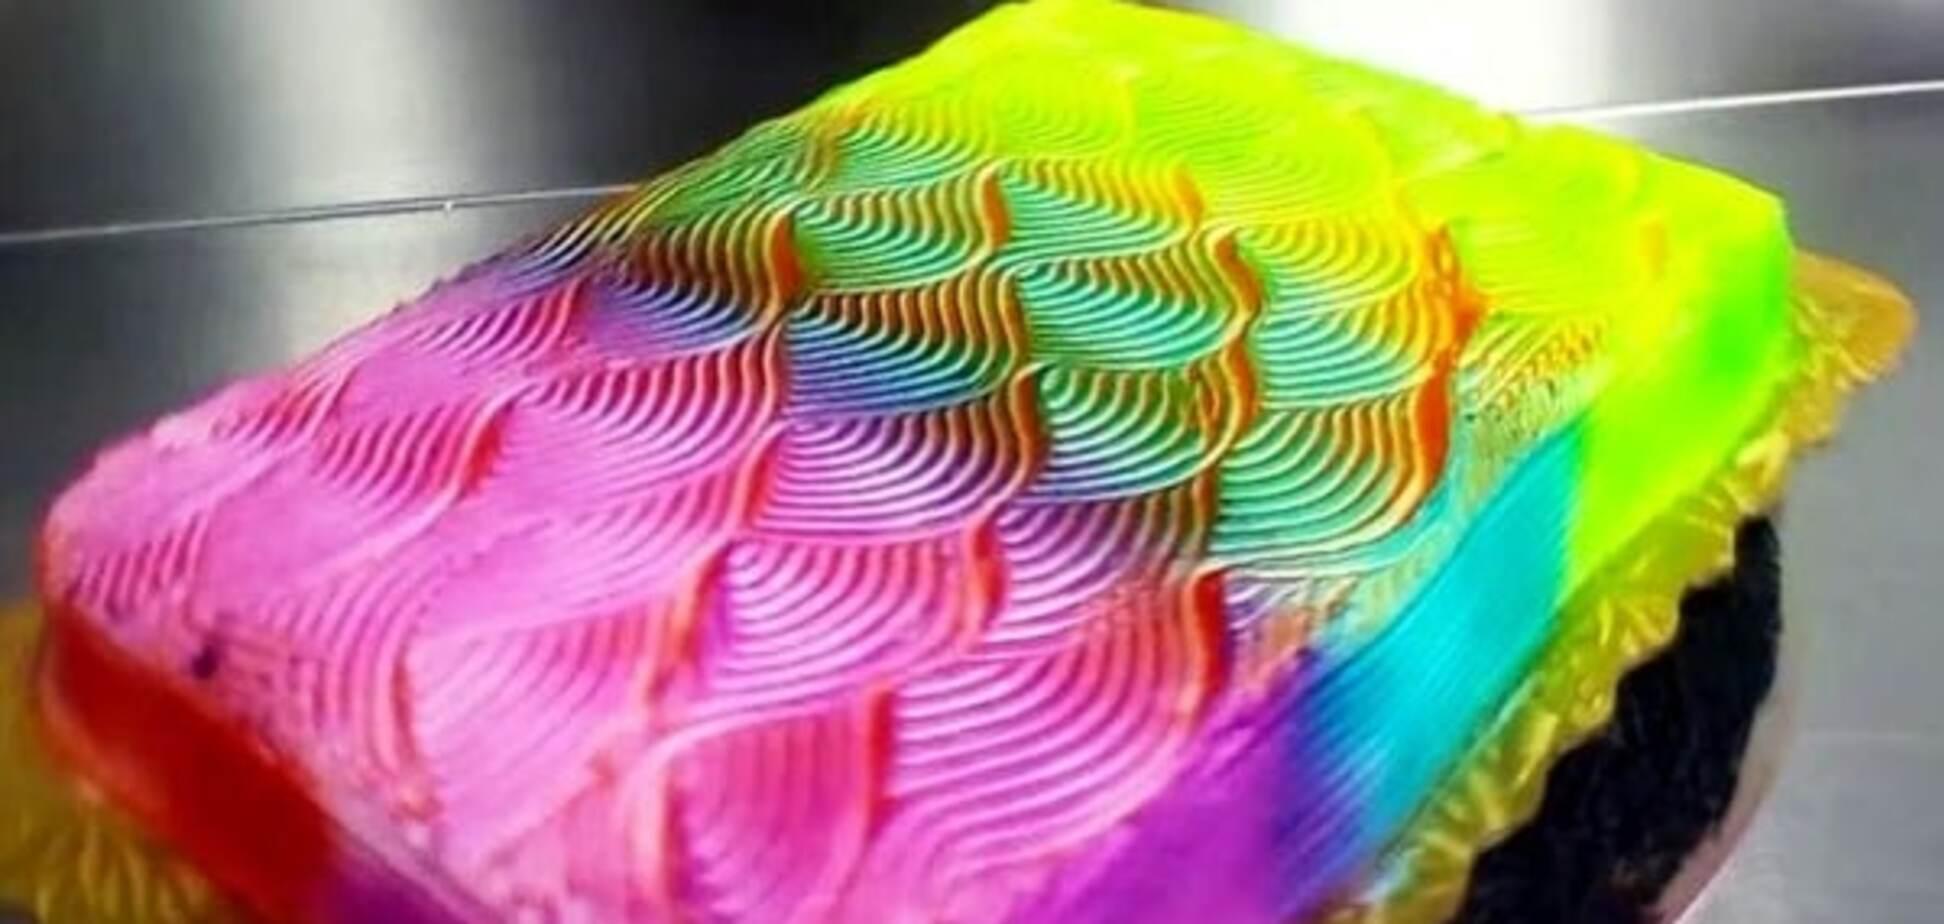 Обман зрения: невероятное видео с тортом, который меняет цвет во время вращения